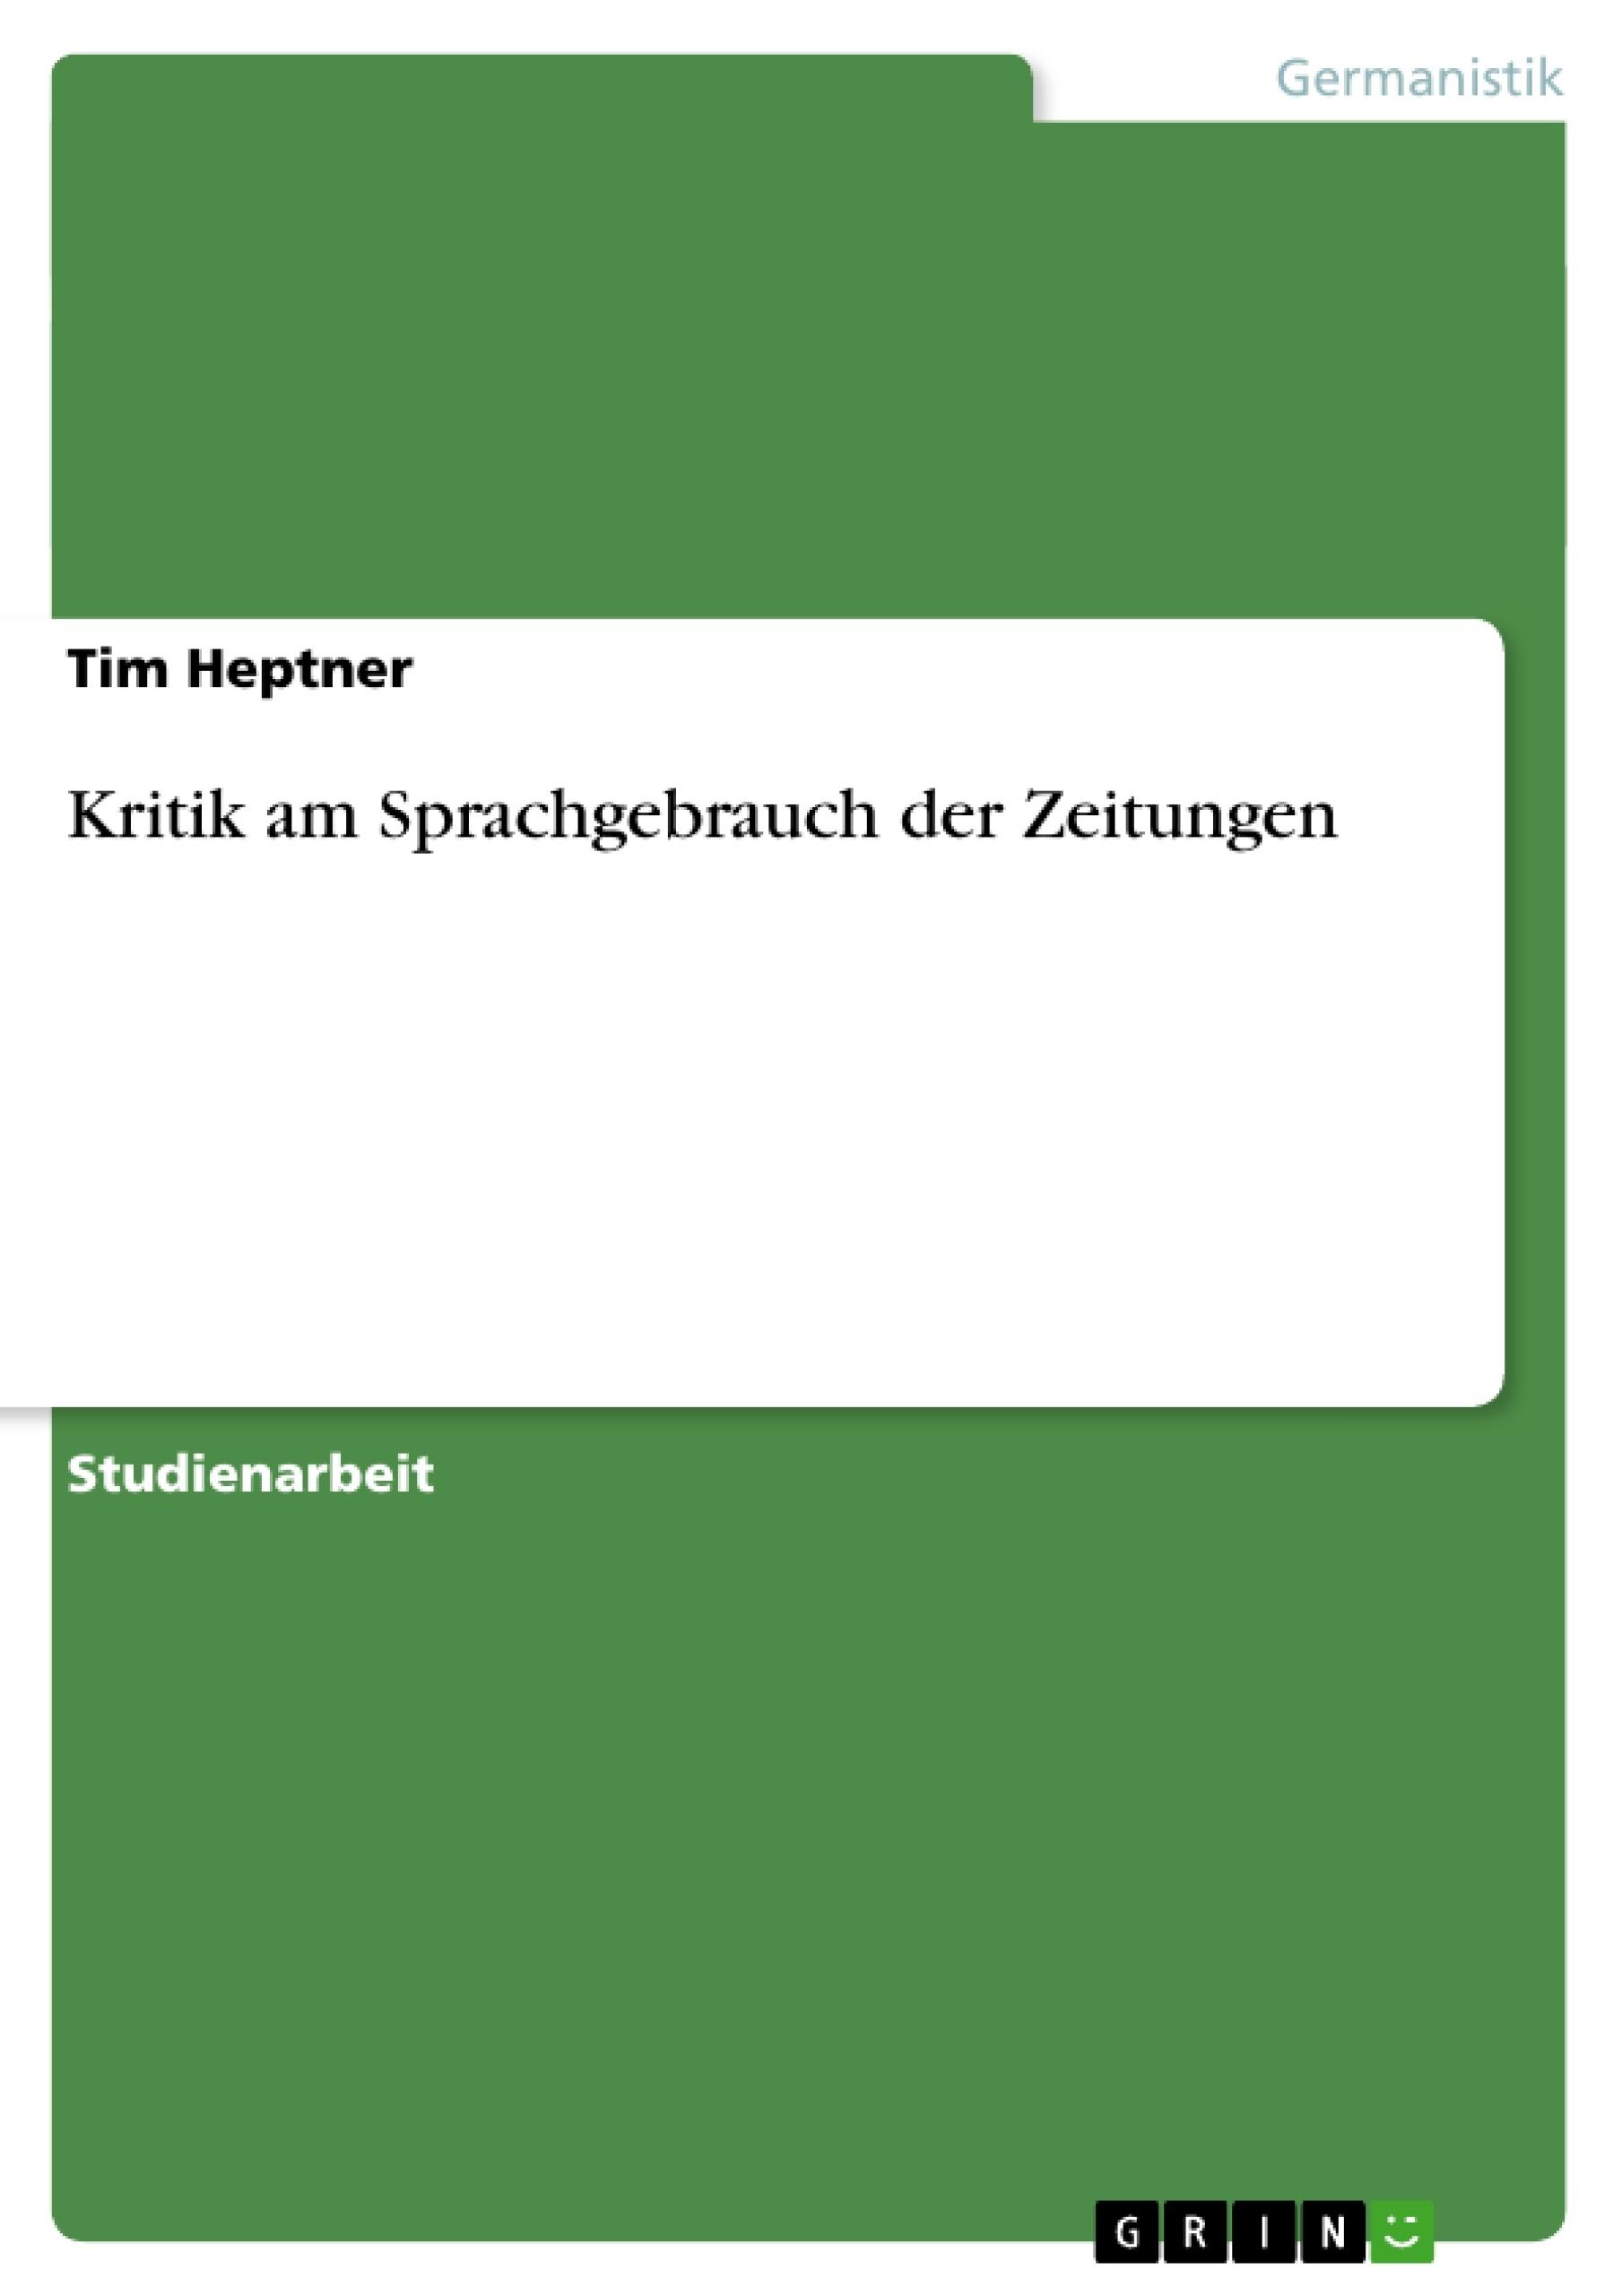 Titel: Kritik am Sprachgebrauch der Zeitungen